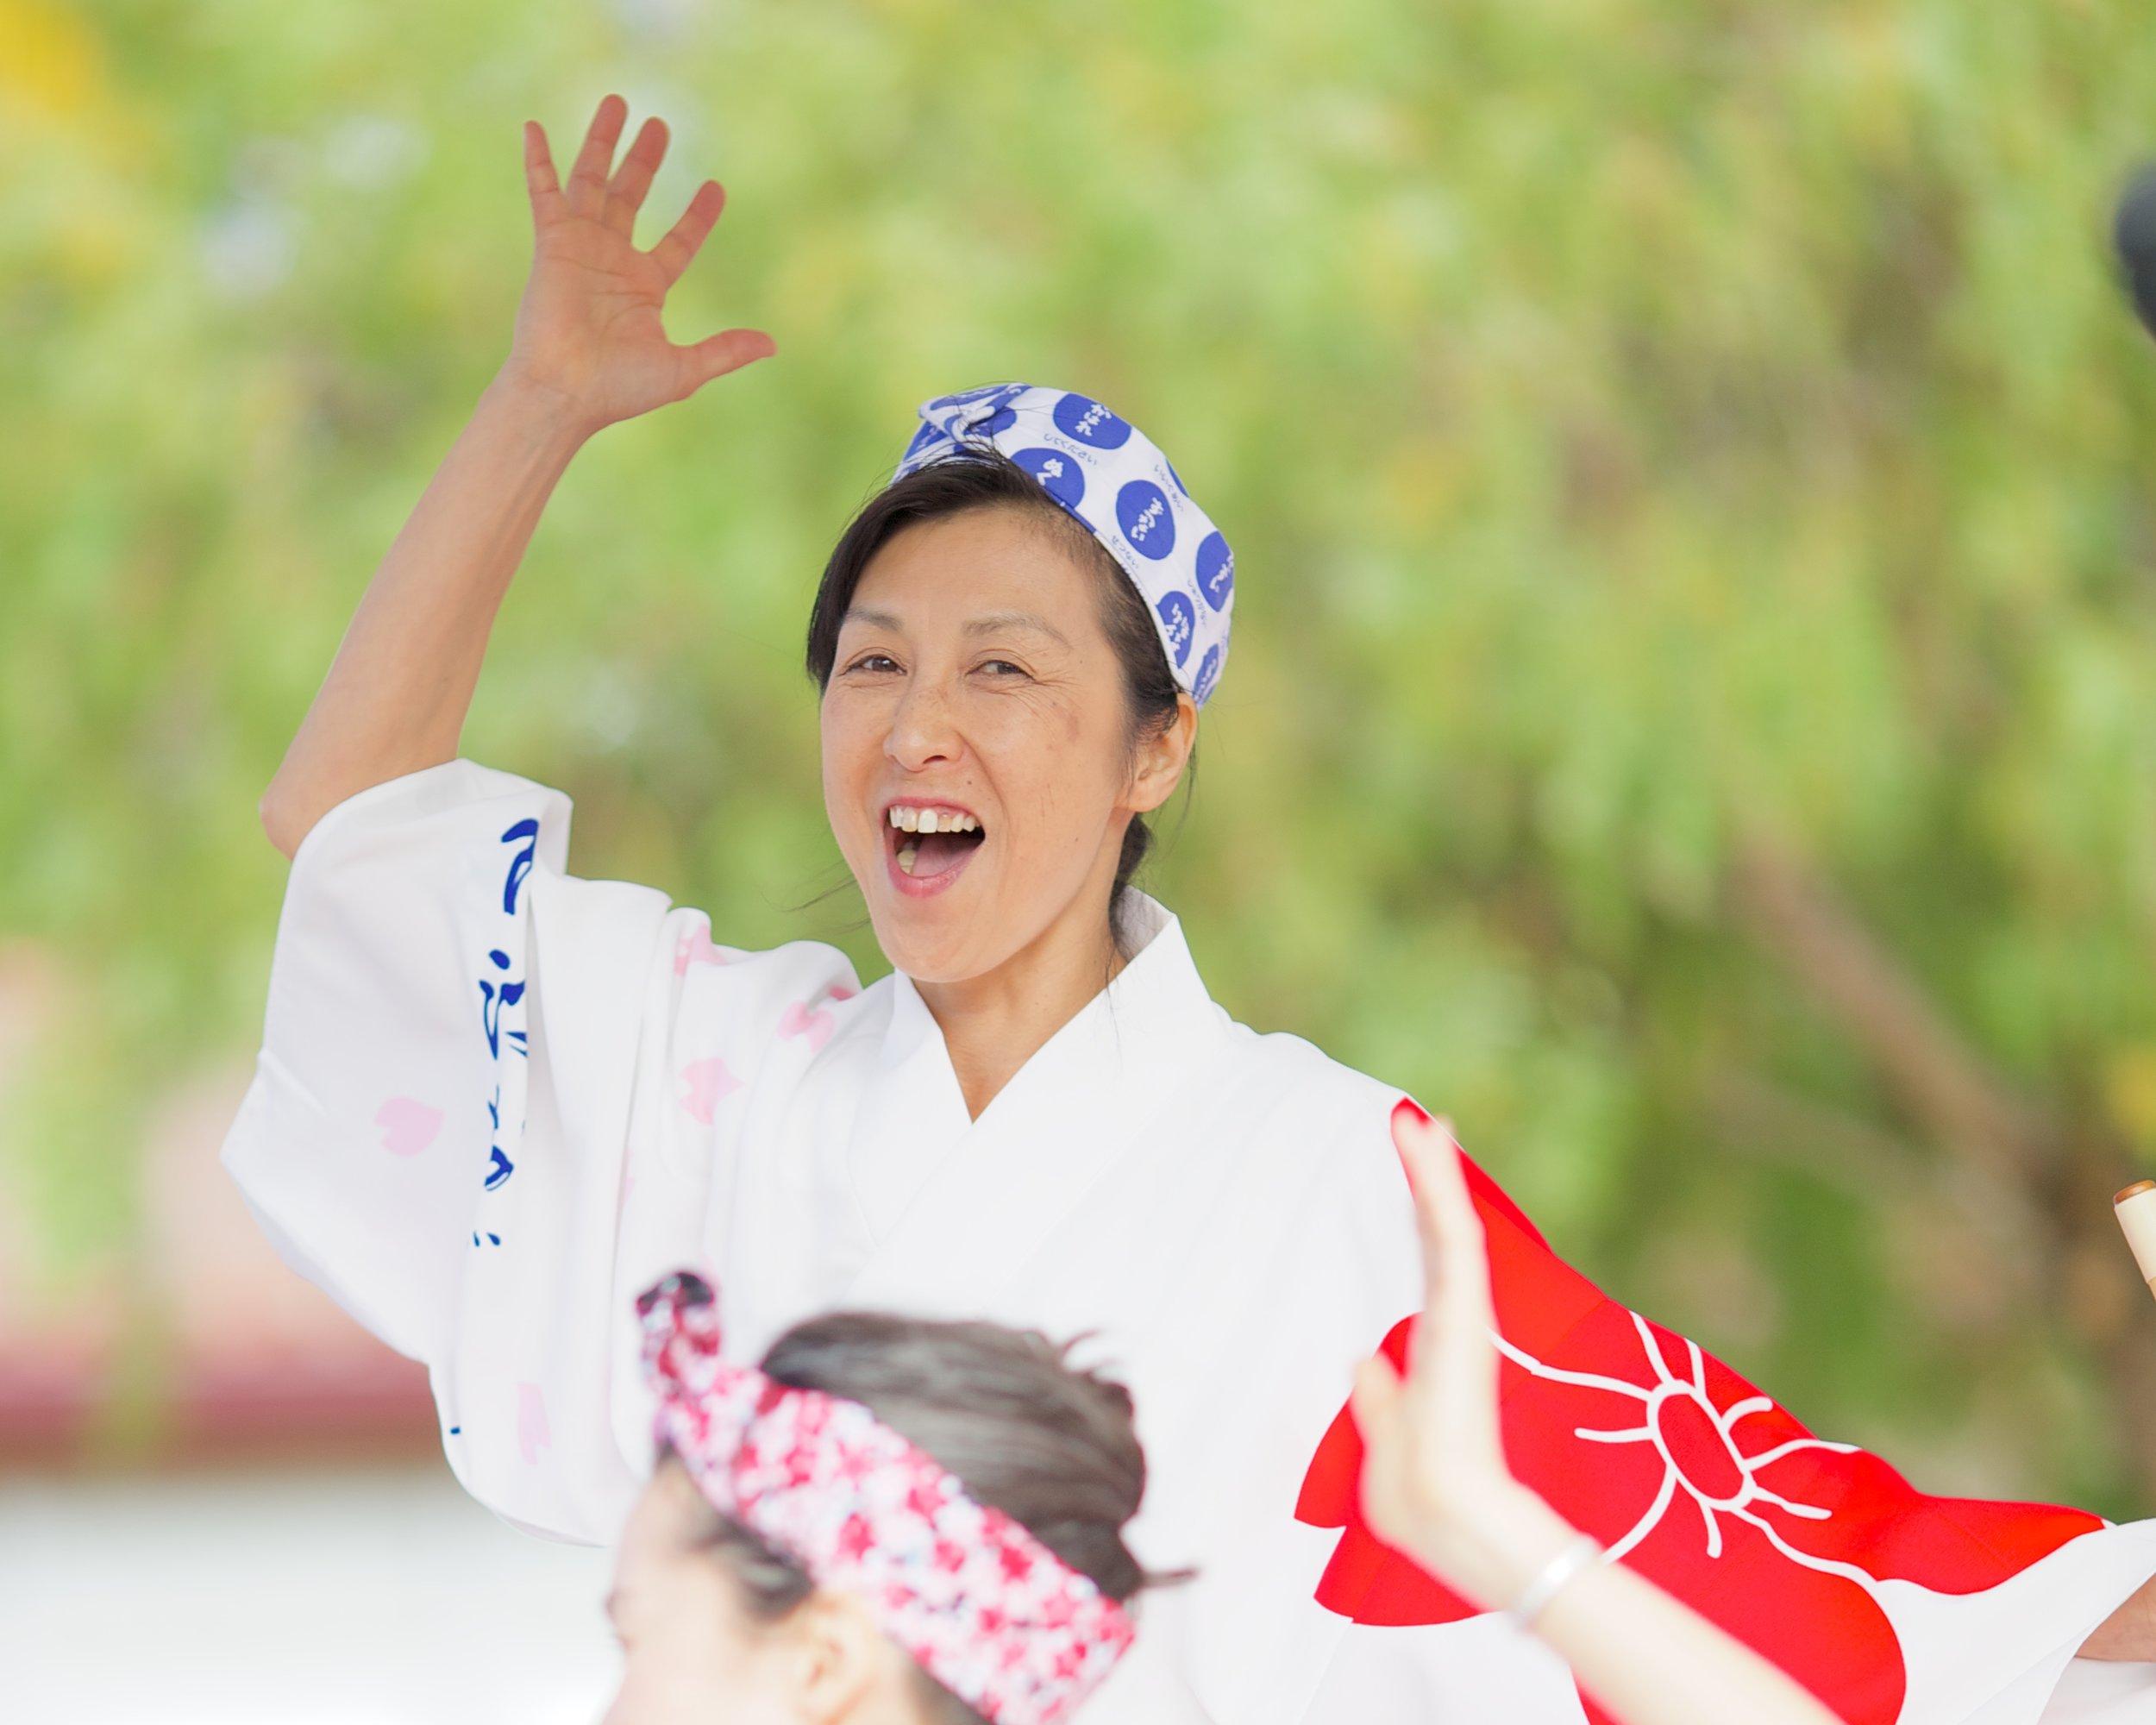 misa---sakura-ren---japanese-cultural-fair-of-santa-cruz-2015_19589690142_o.jpg